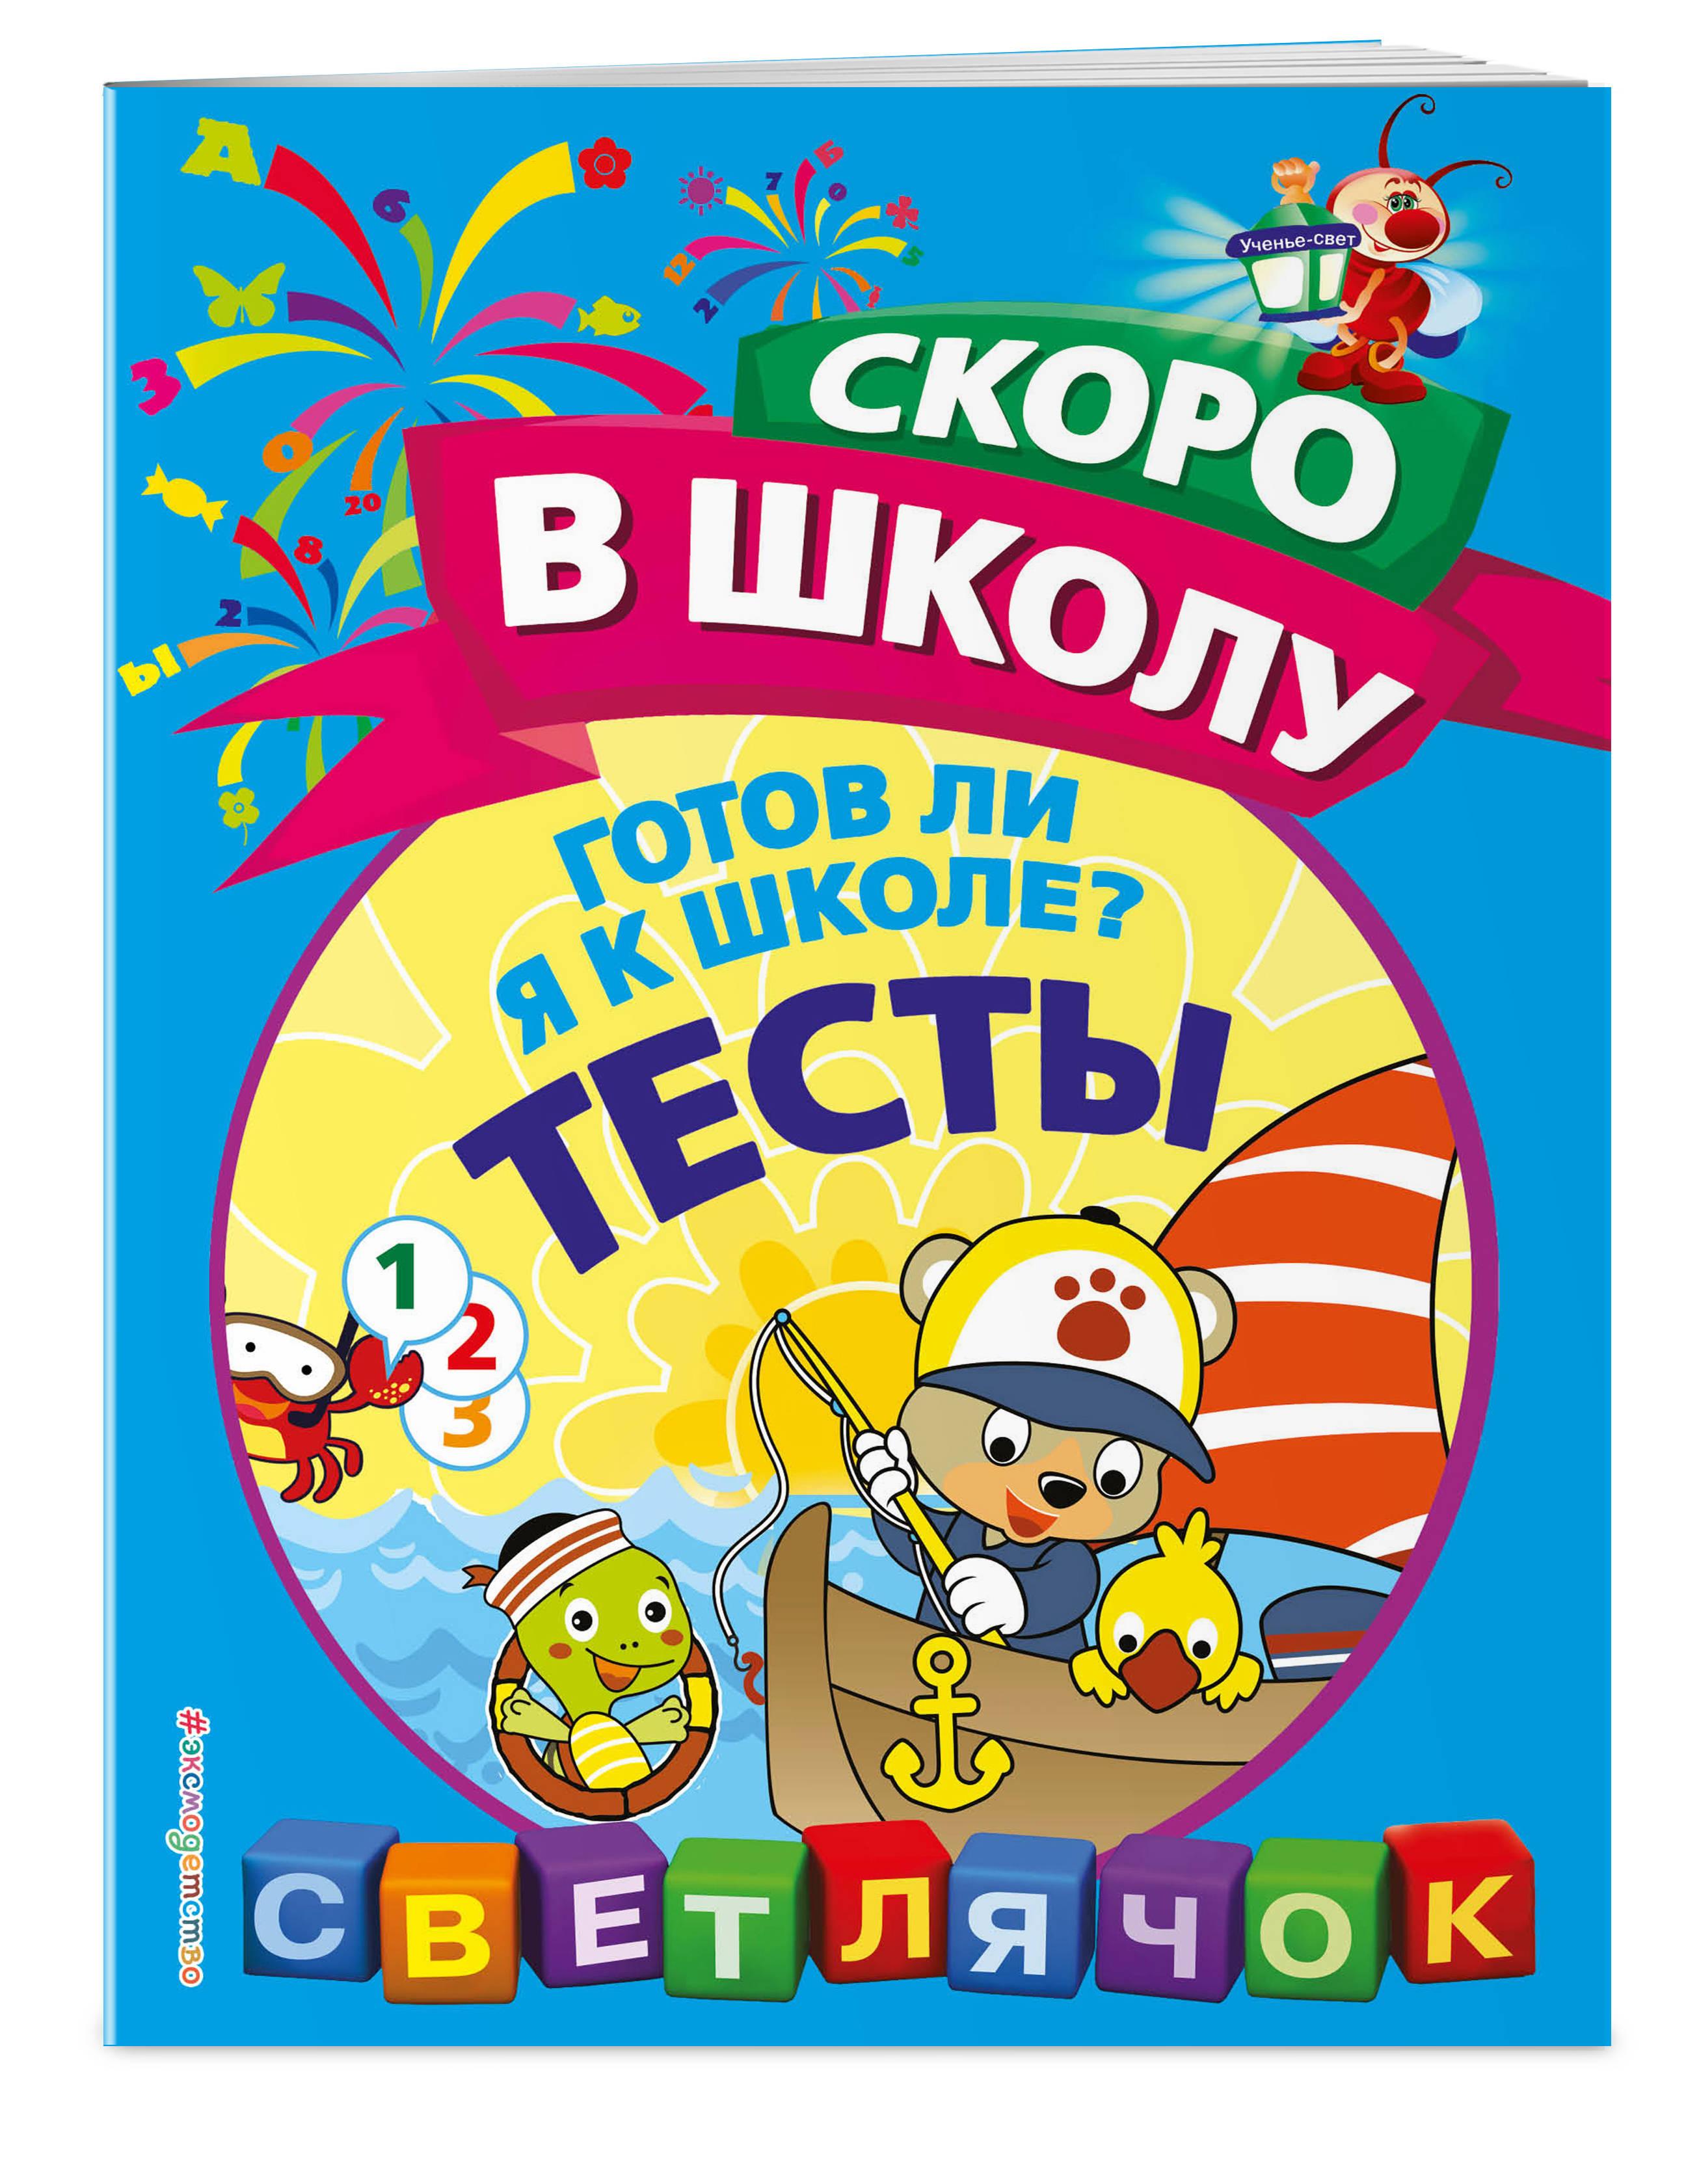 О. Н. Макеева Готов ли я к школе? Тесты попова и тесты готов ли ребенок к школе